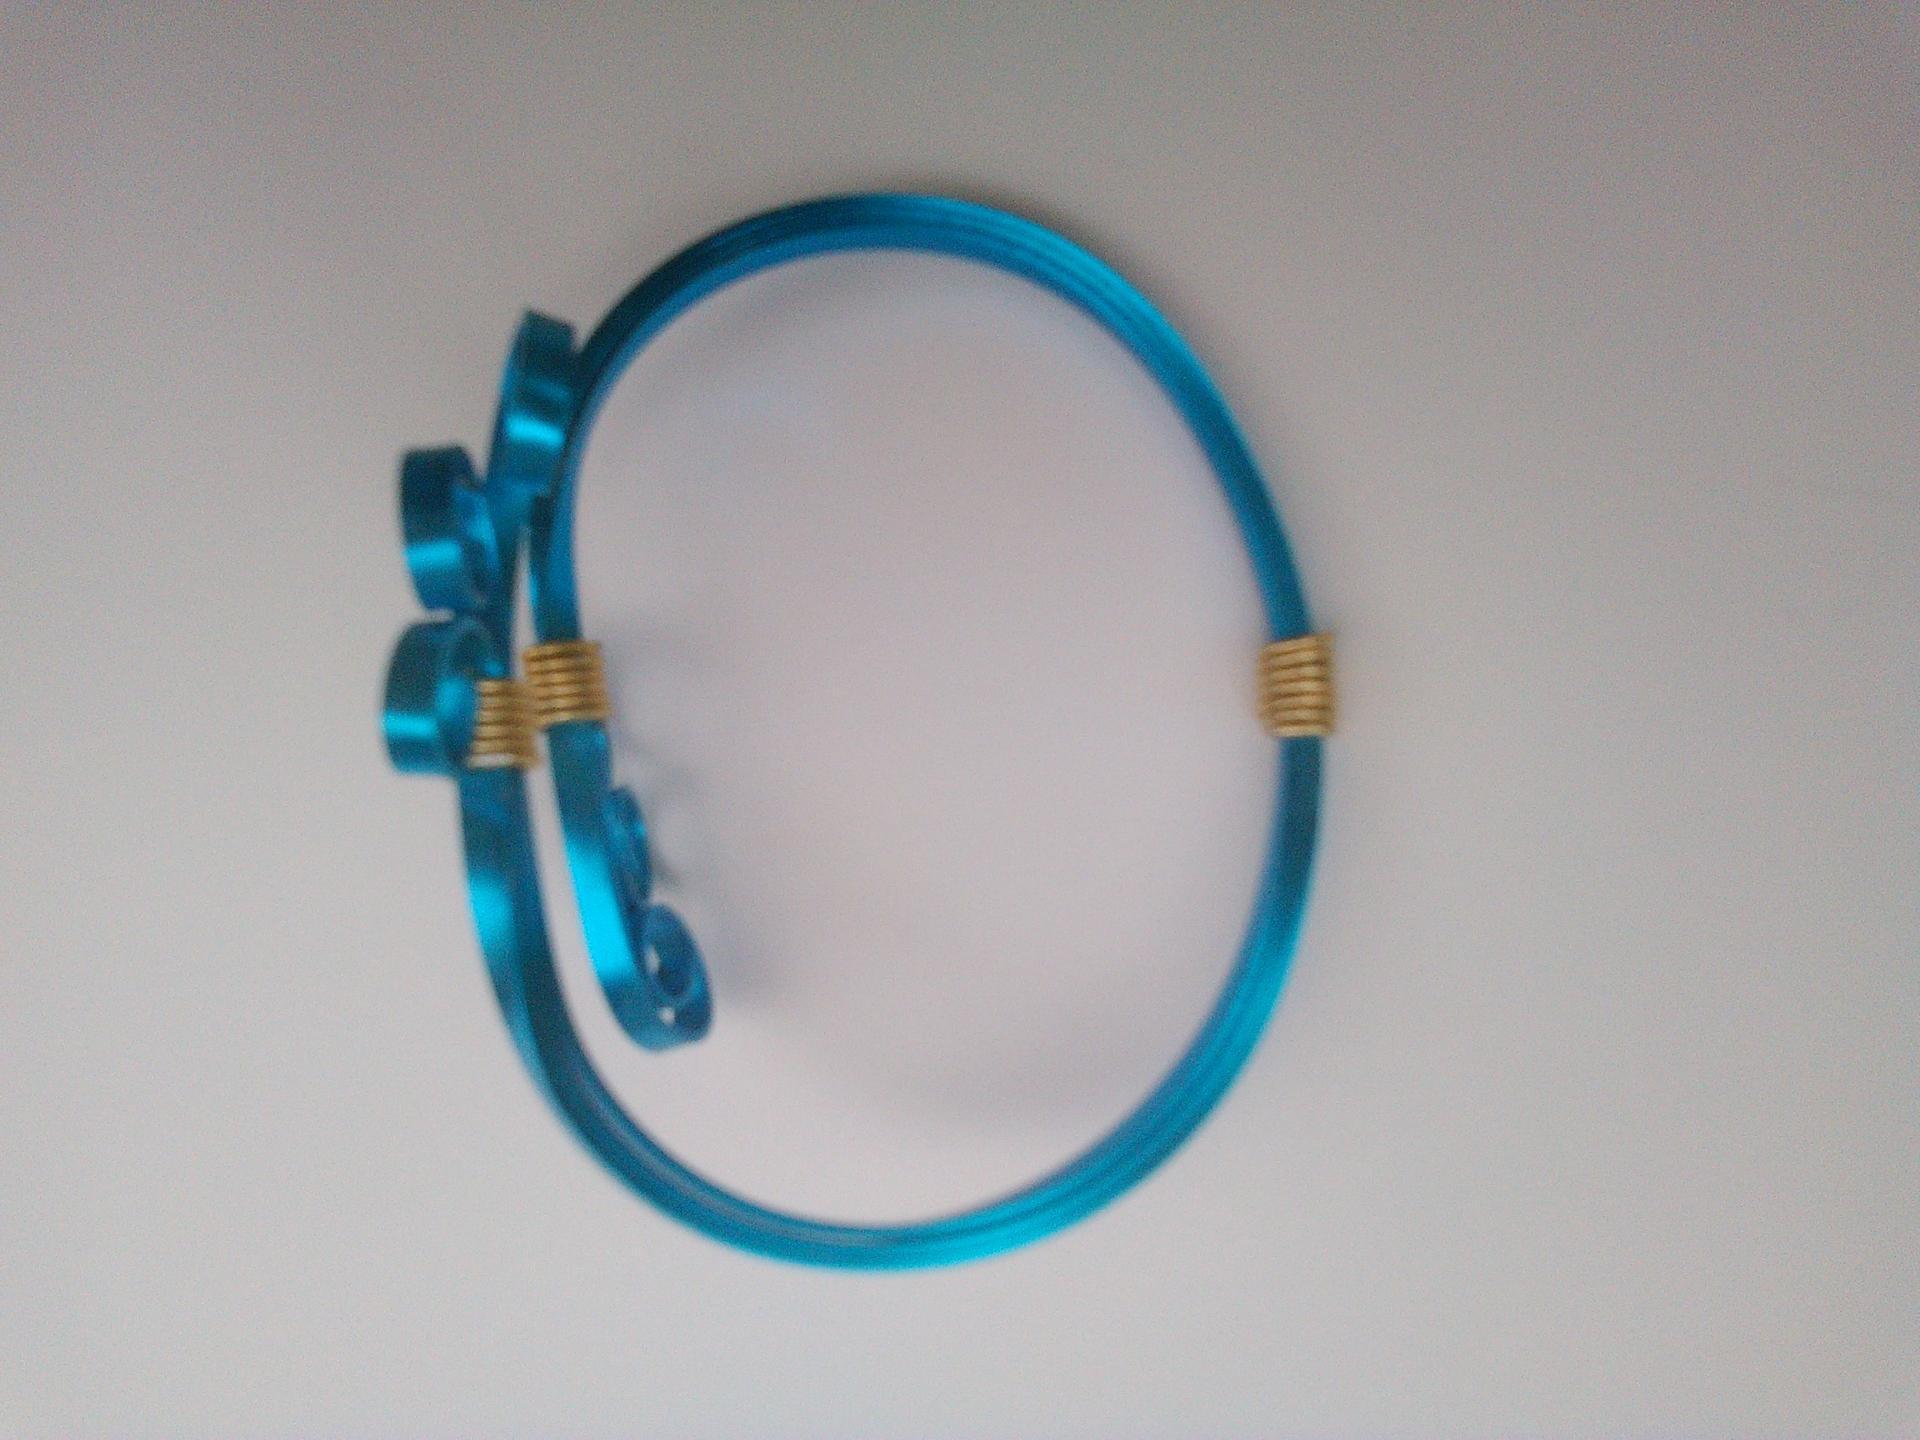 Parure bracelet victoire qualite materiaux precieux fantaisie perles de qualite fils tresses couleurs travaillees main pieces de dentelle brodees main fifi au jardin precious i2